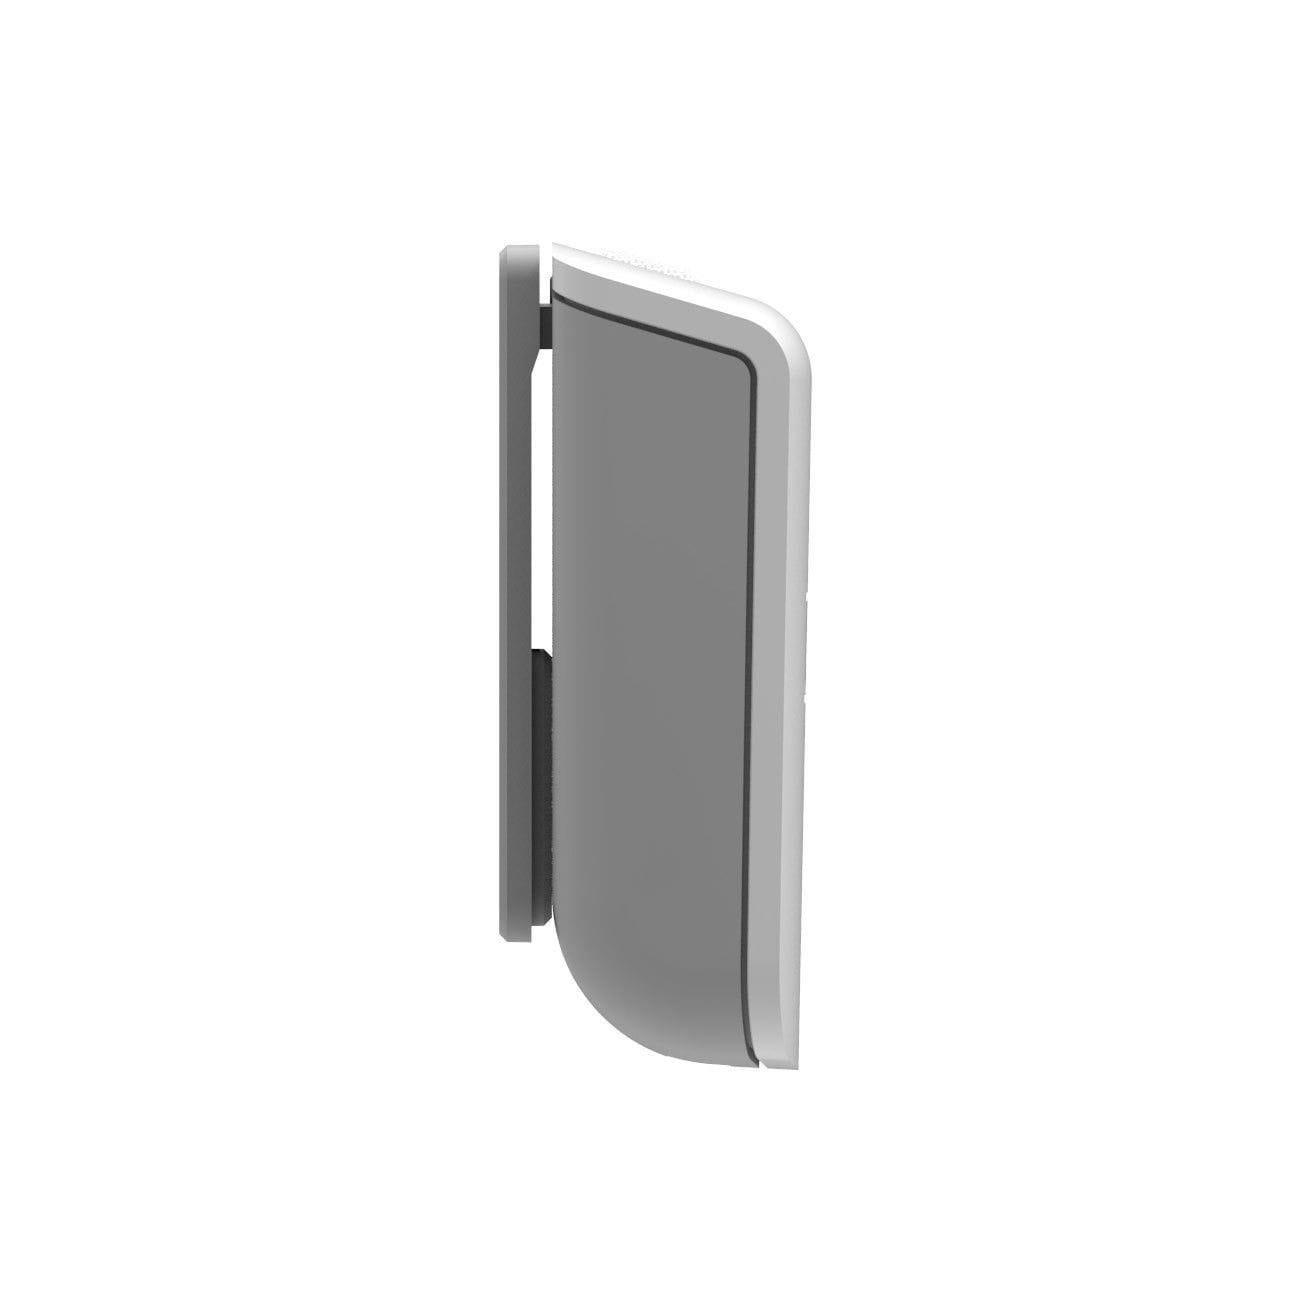 Sennheiser Microfone Memory Mic (Grava a Qualquer Distância do Smartphone)